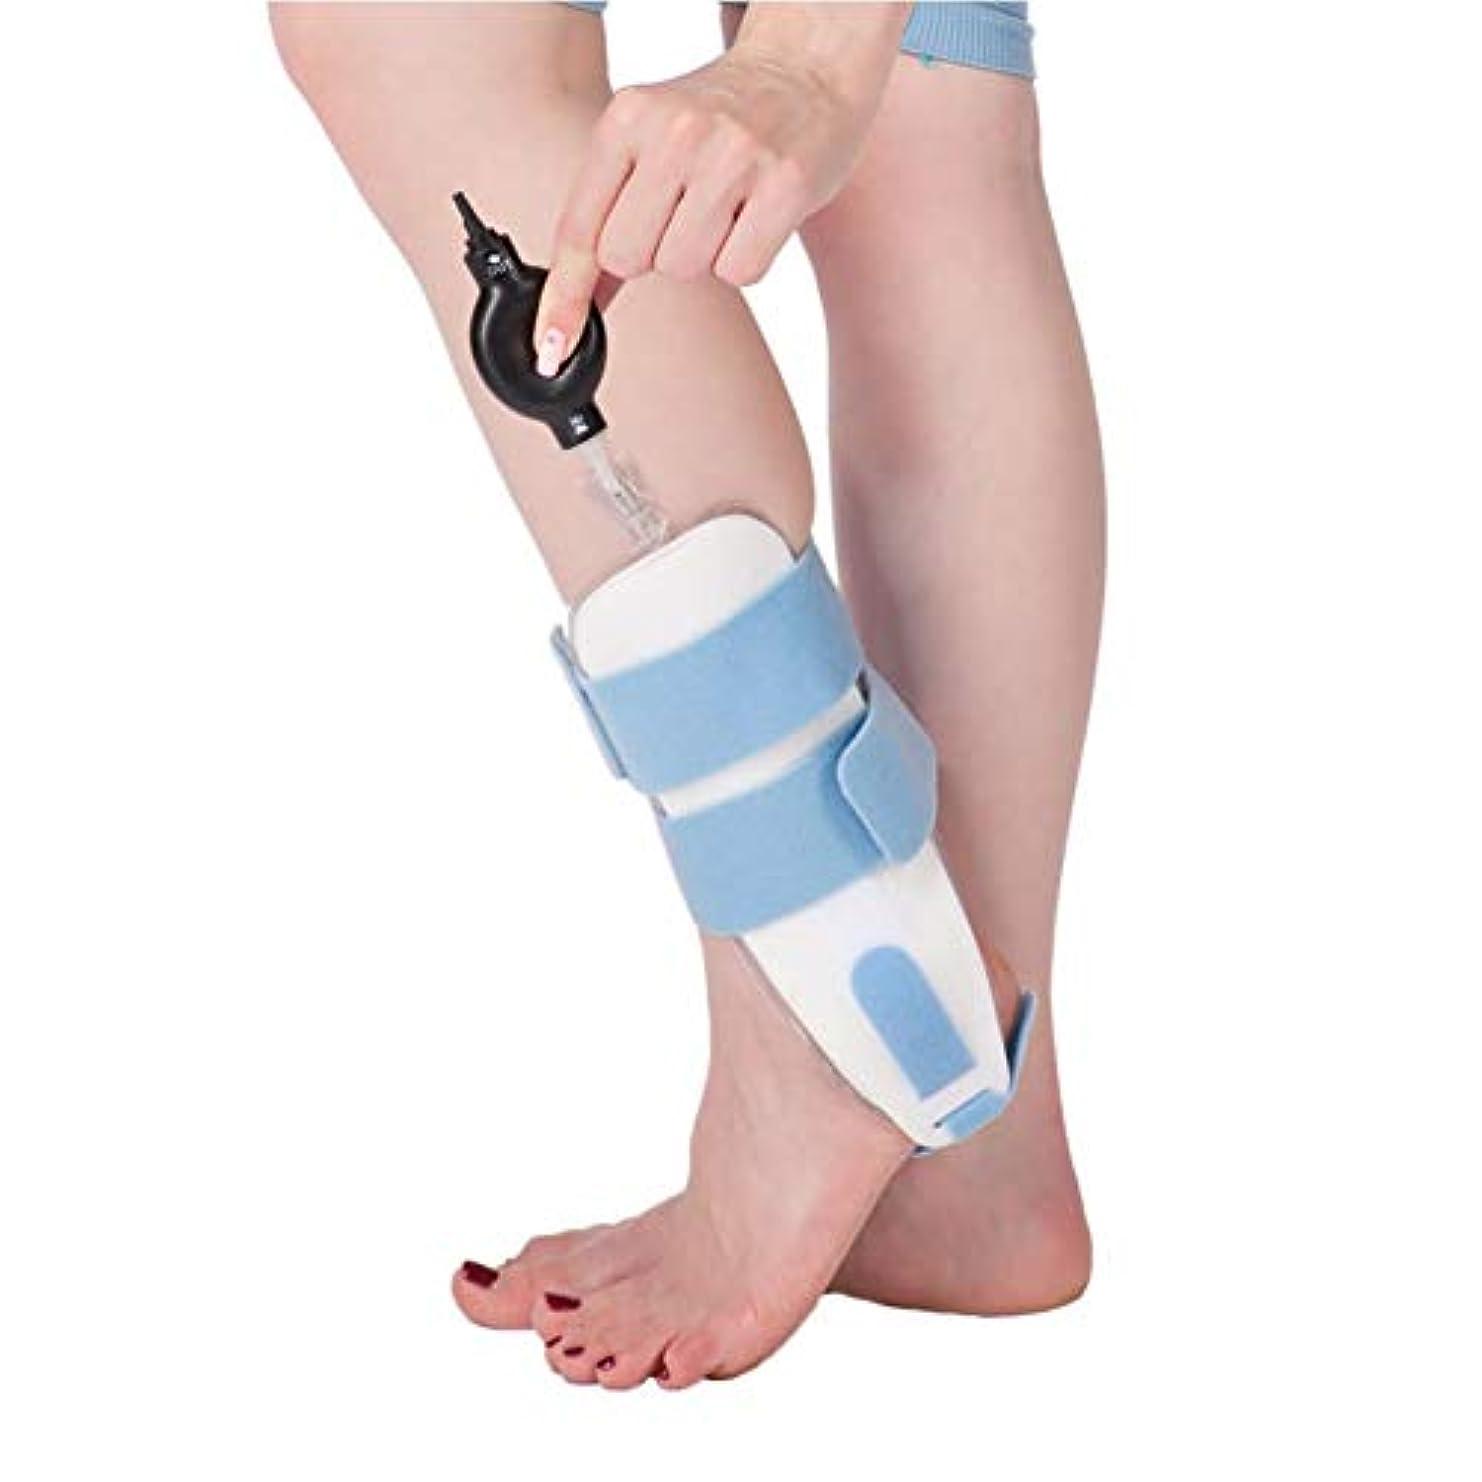 ハッピー災害神経足首の装具の膨脹可能な足首の保護装置は石膏の足の捻rainの固定副木を取り替えることができます